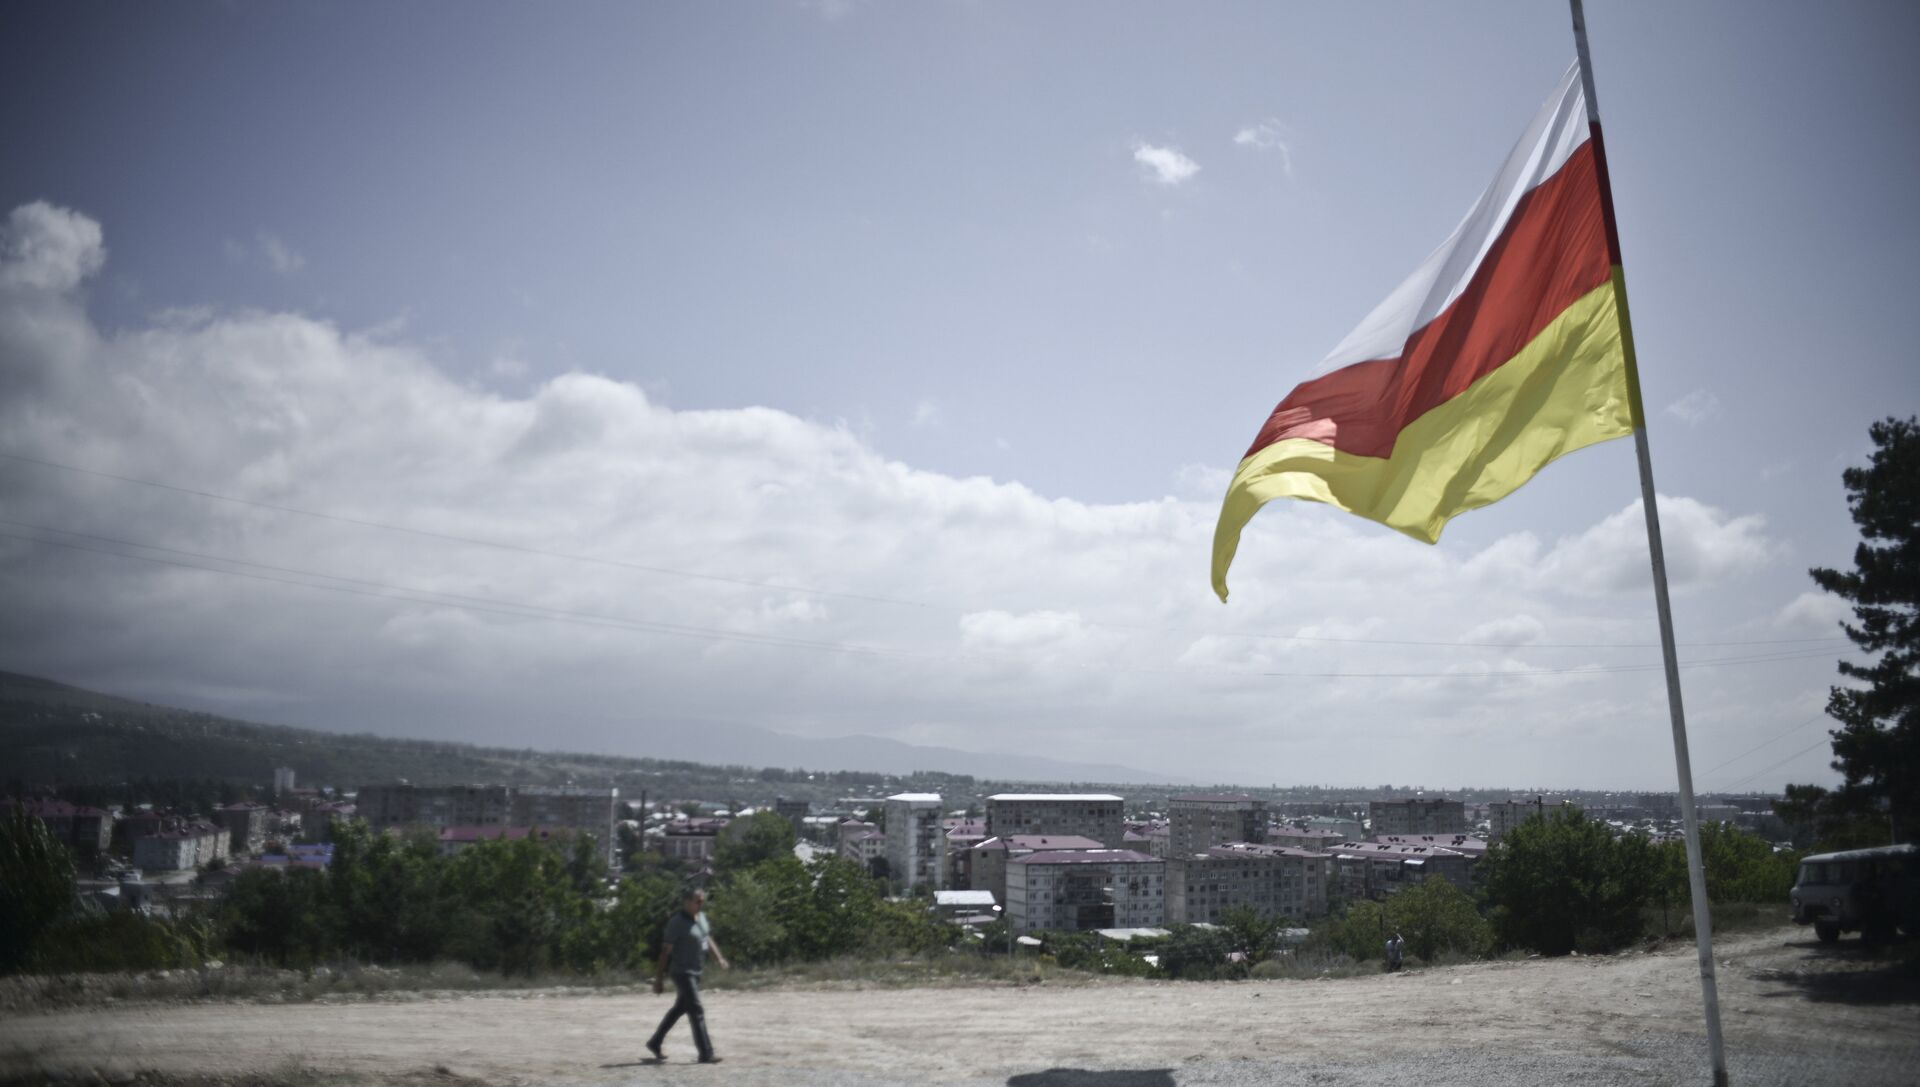 Приспущенный флаг у входа на территорию российского батальона Смешанных сил по поддержанию мира в Южной Осетии - РИА Новости, 1920, 22.10.2020